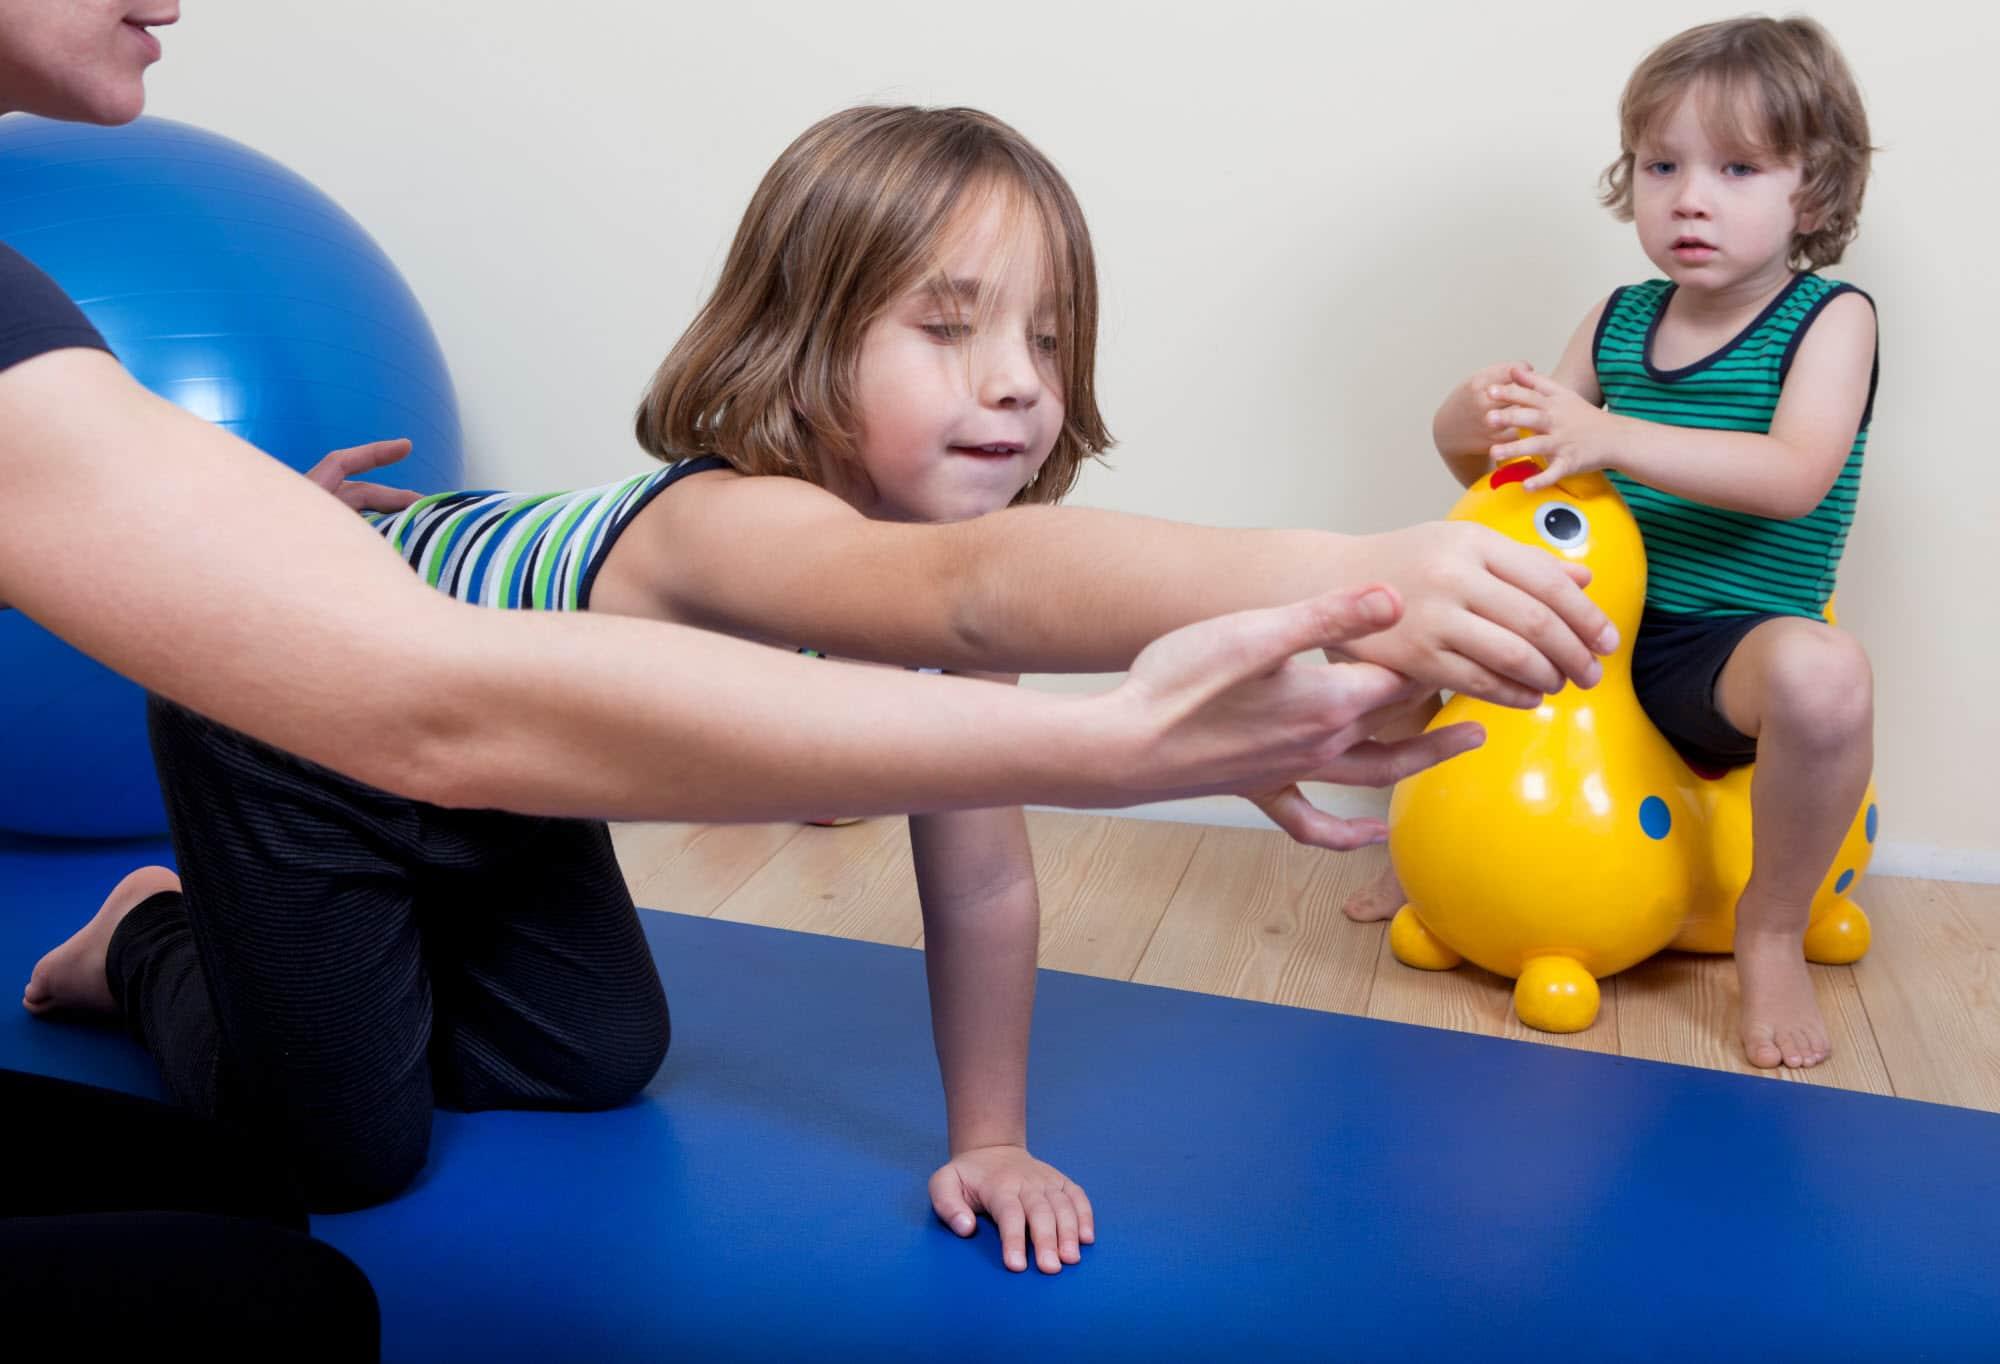 kinderfysiotherapie en kinderbekkenfysiotherapie